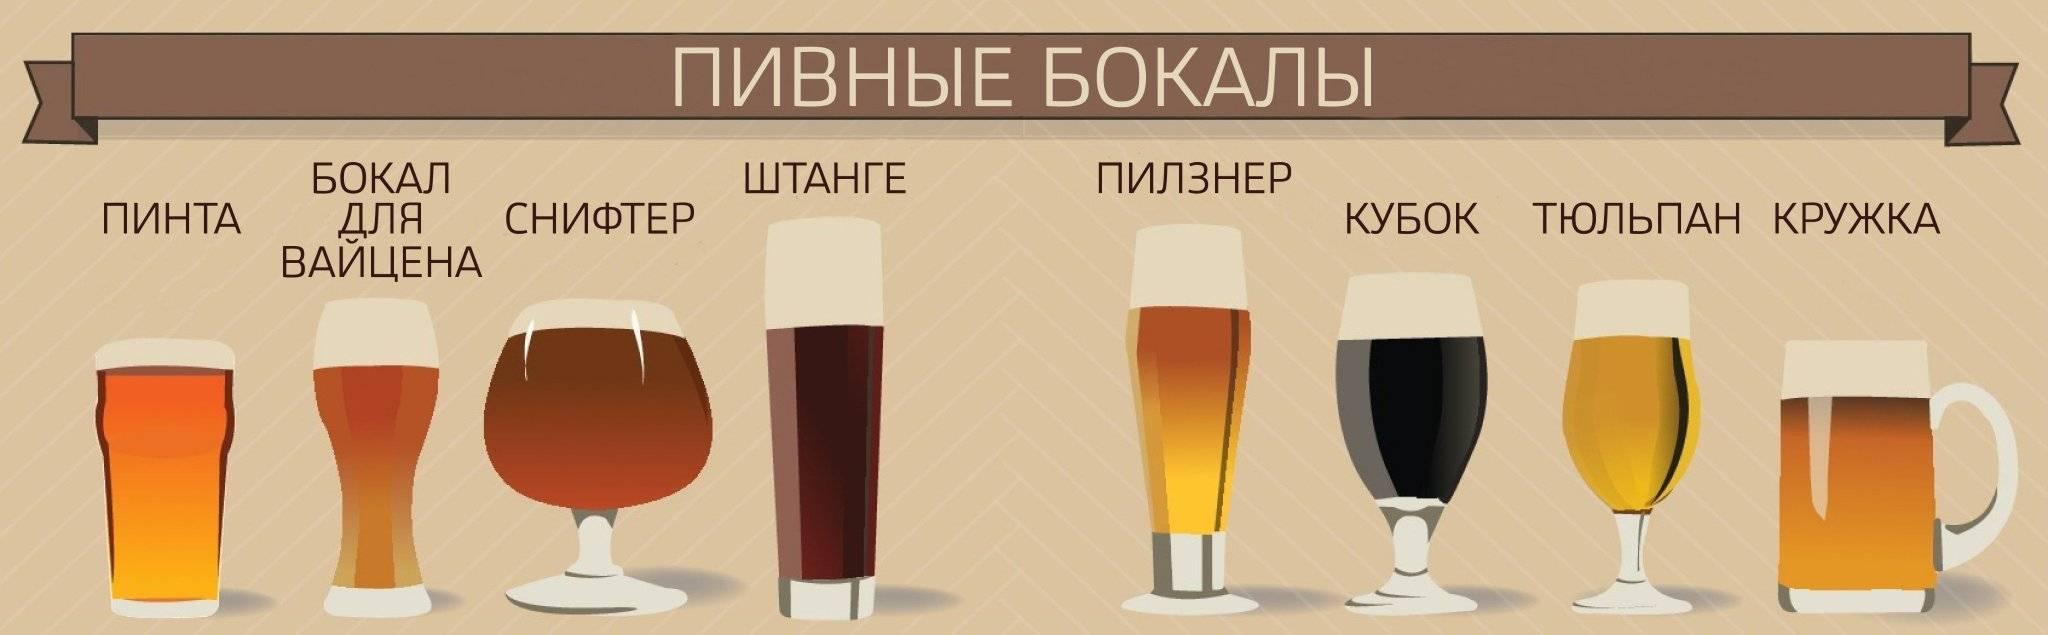 Как правильно пить пиво, где бы ты ни оказался